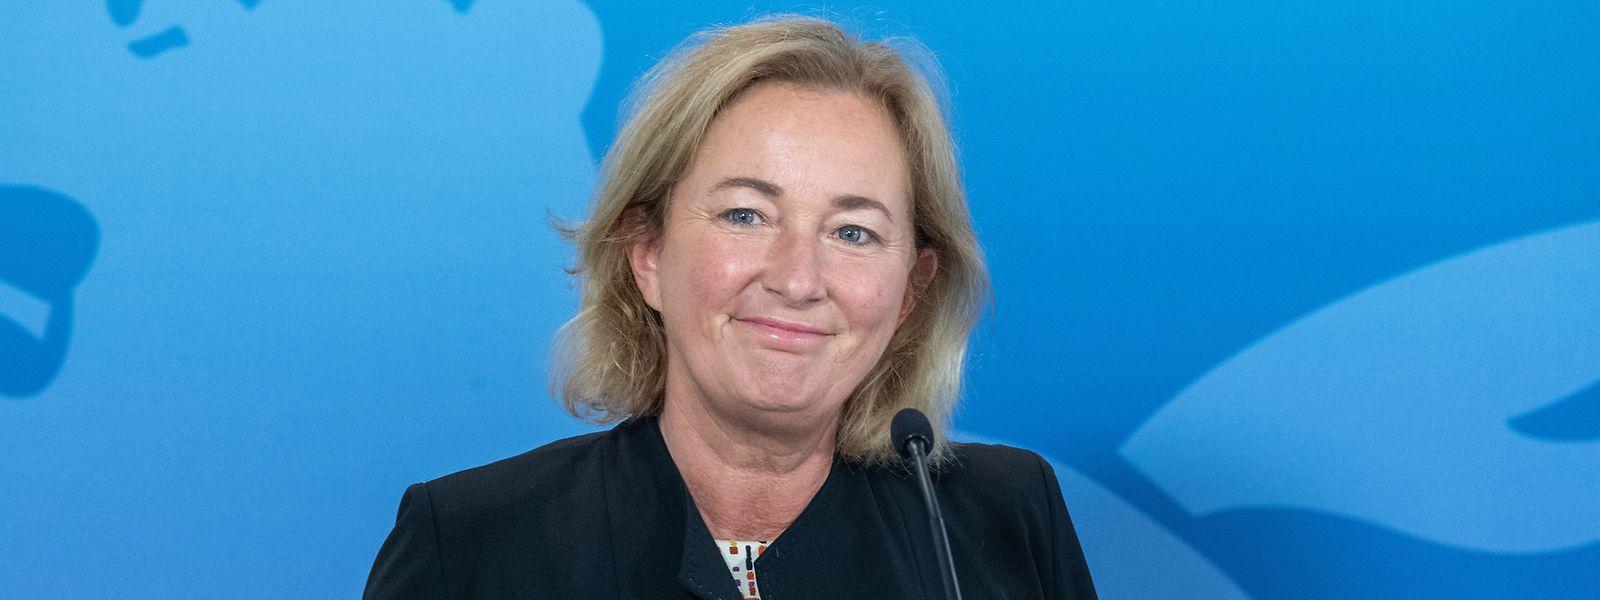 Avec le soutien de près de neuf électeurs sur dix, Paulette Lenert confirme sa place de premier plan sur l'échiquier politique.